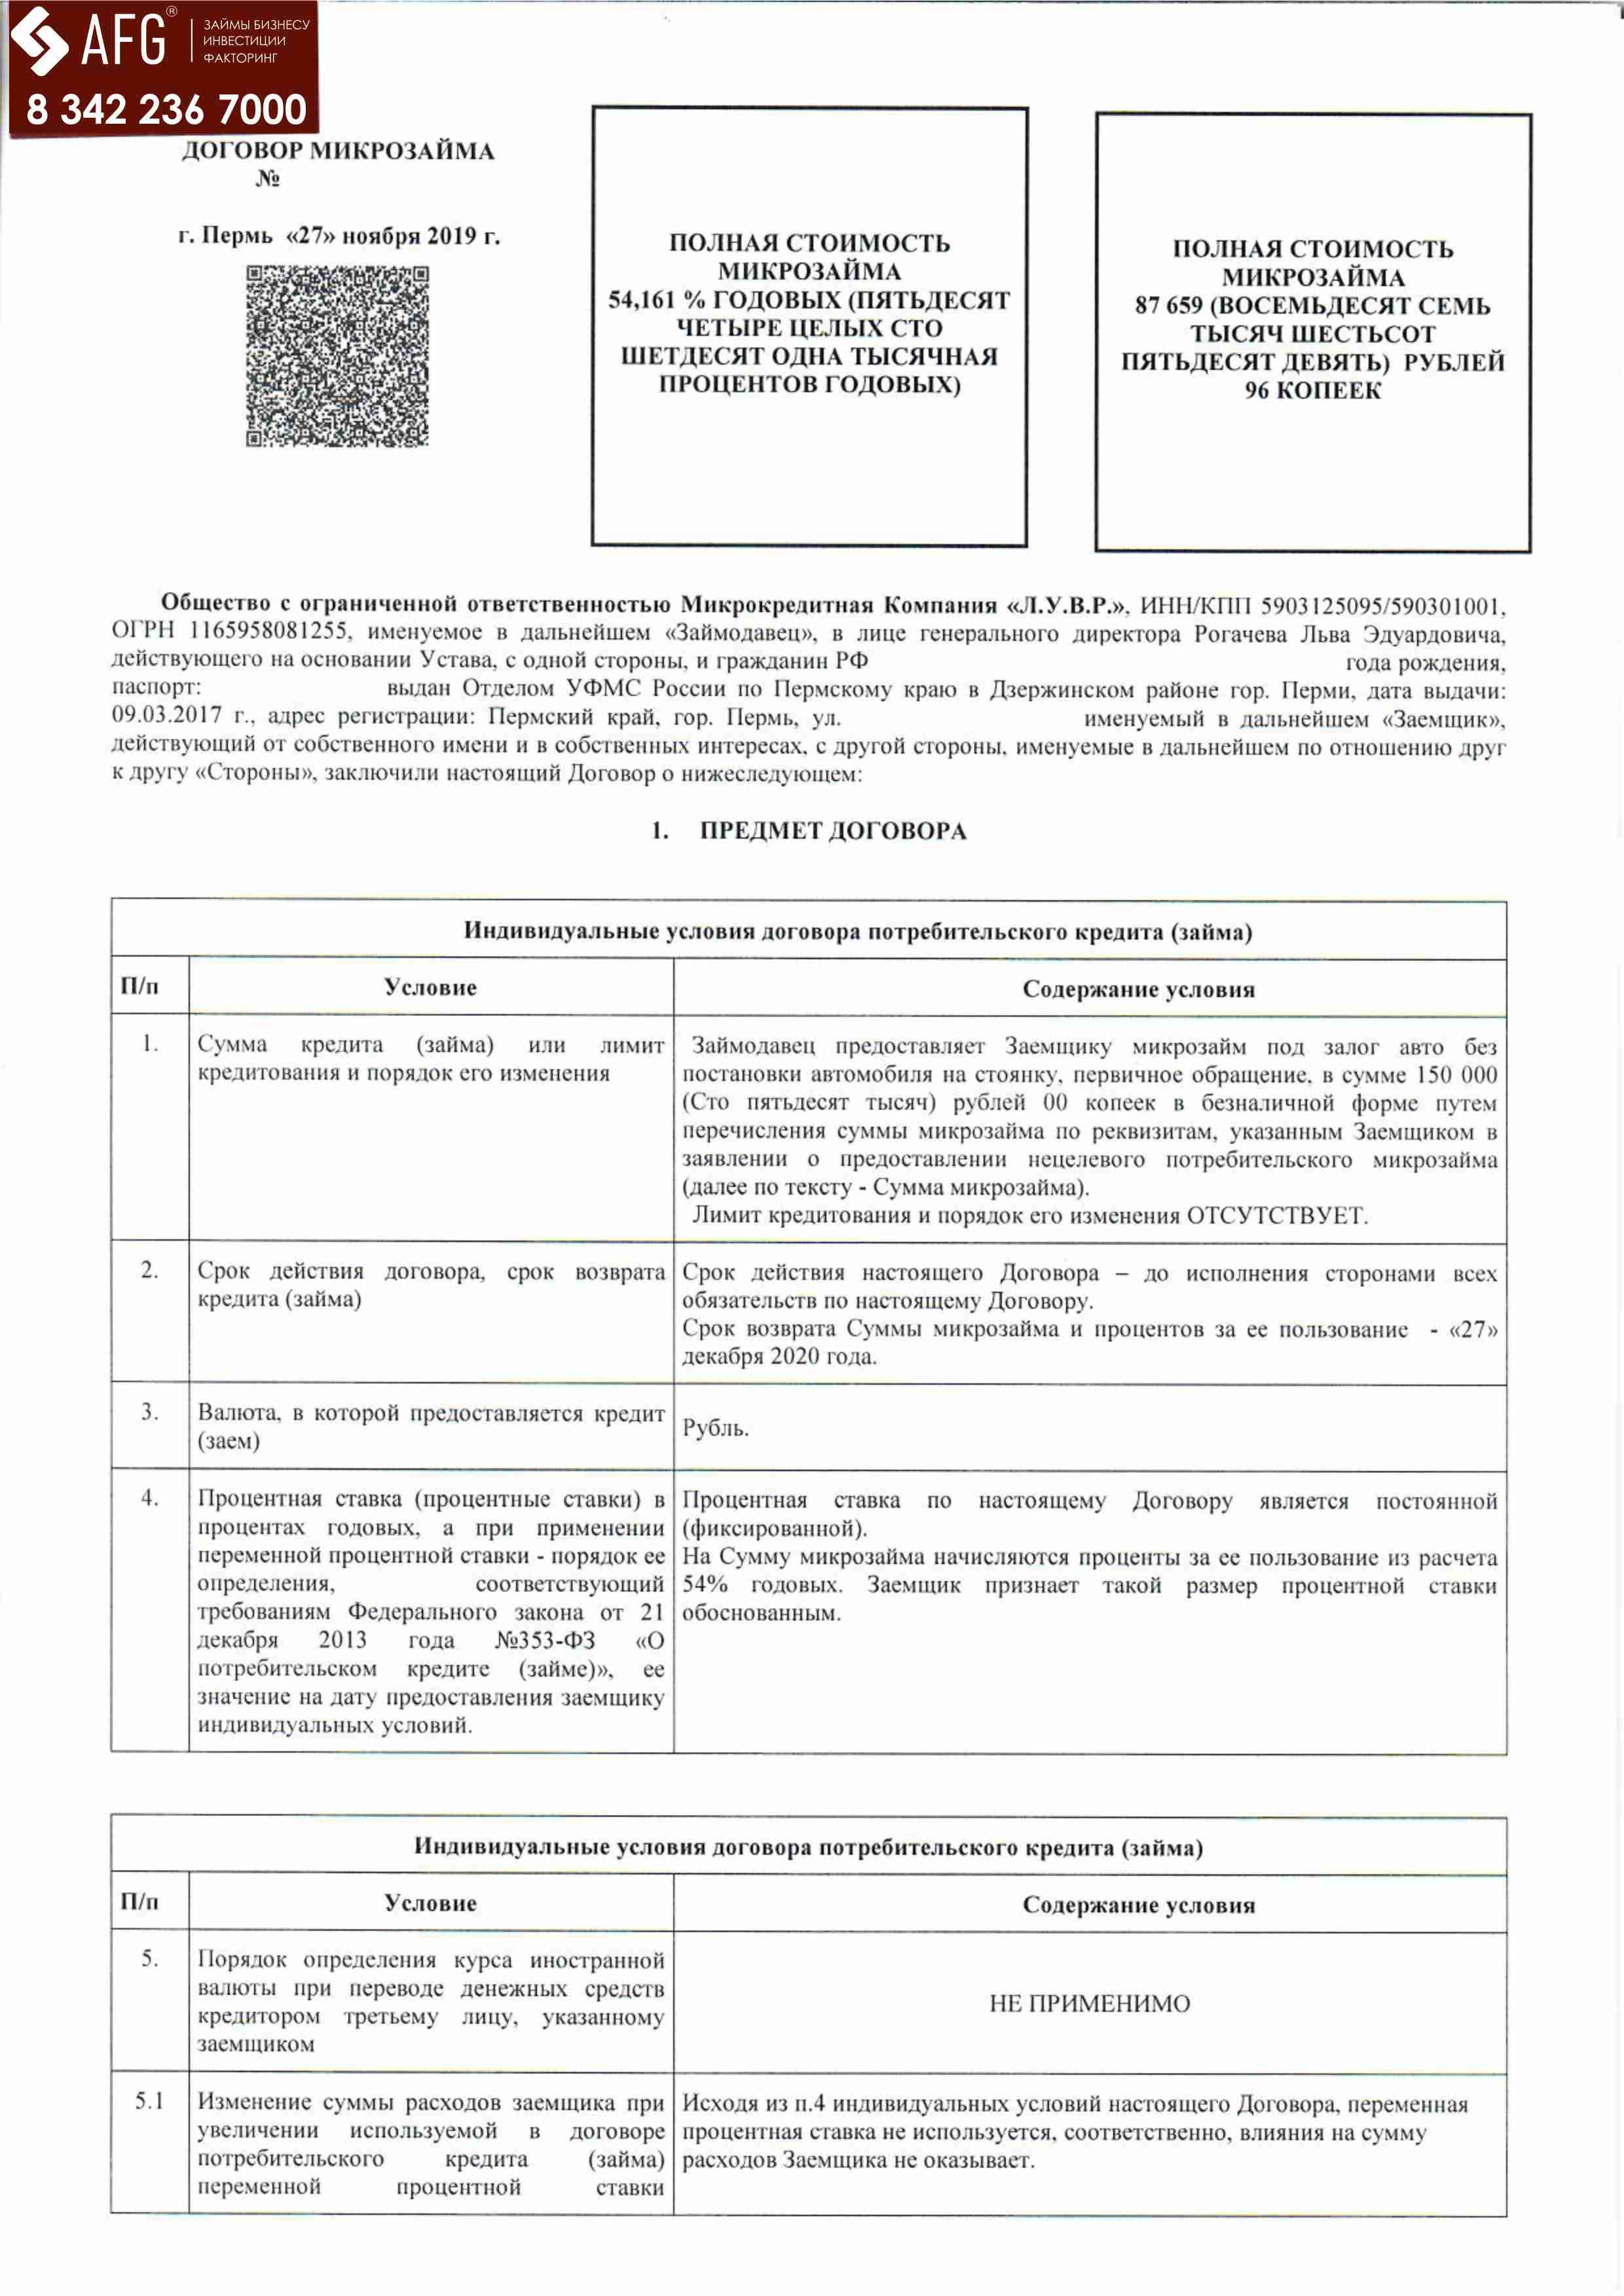 сетелем банк автокредит онлайн заявка